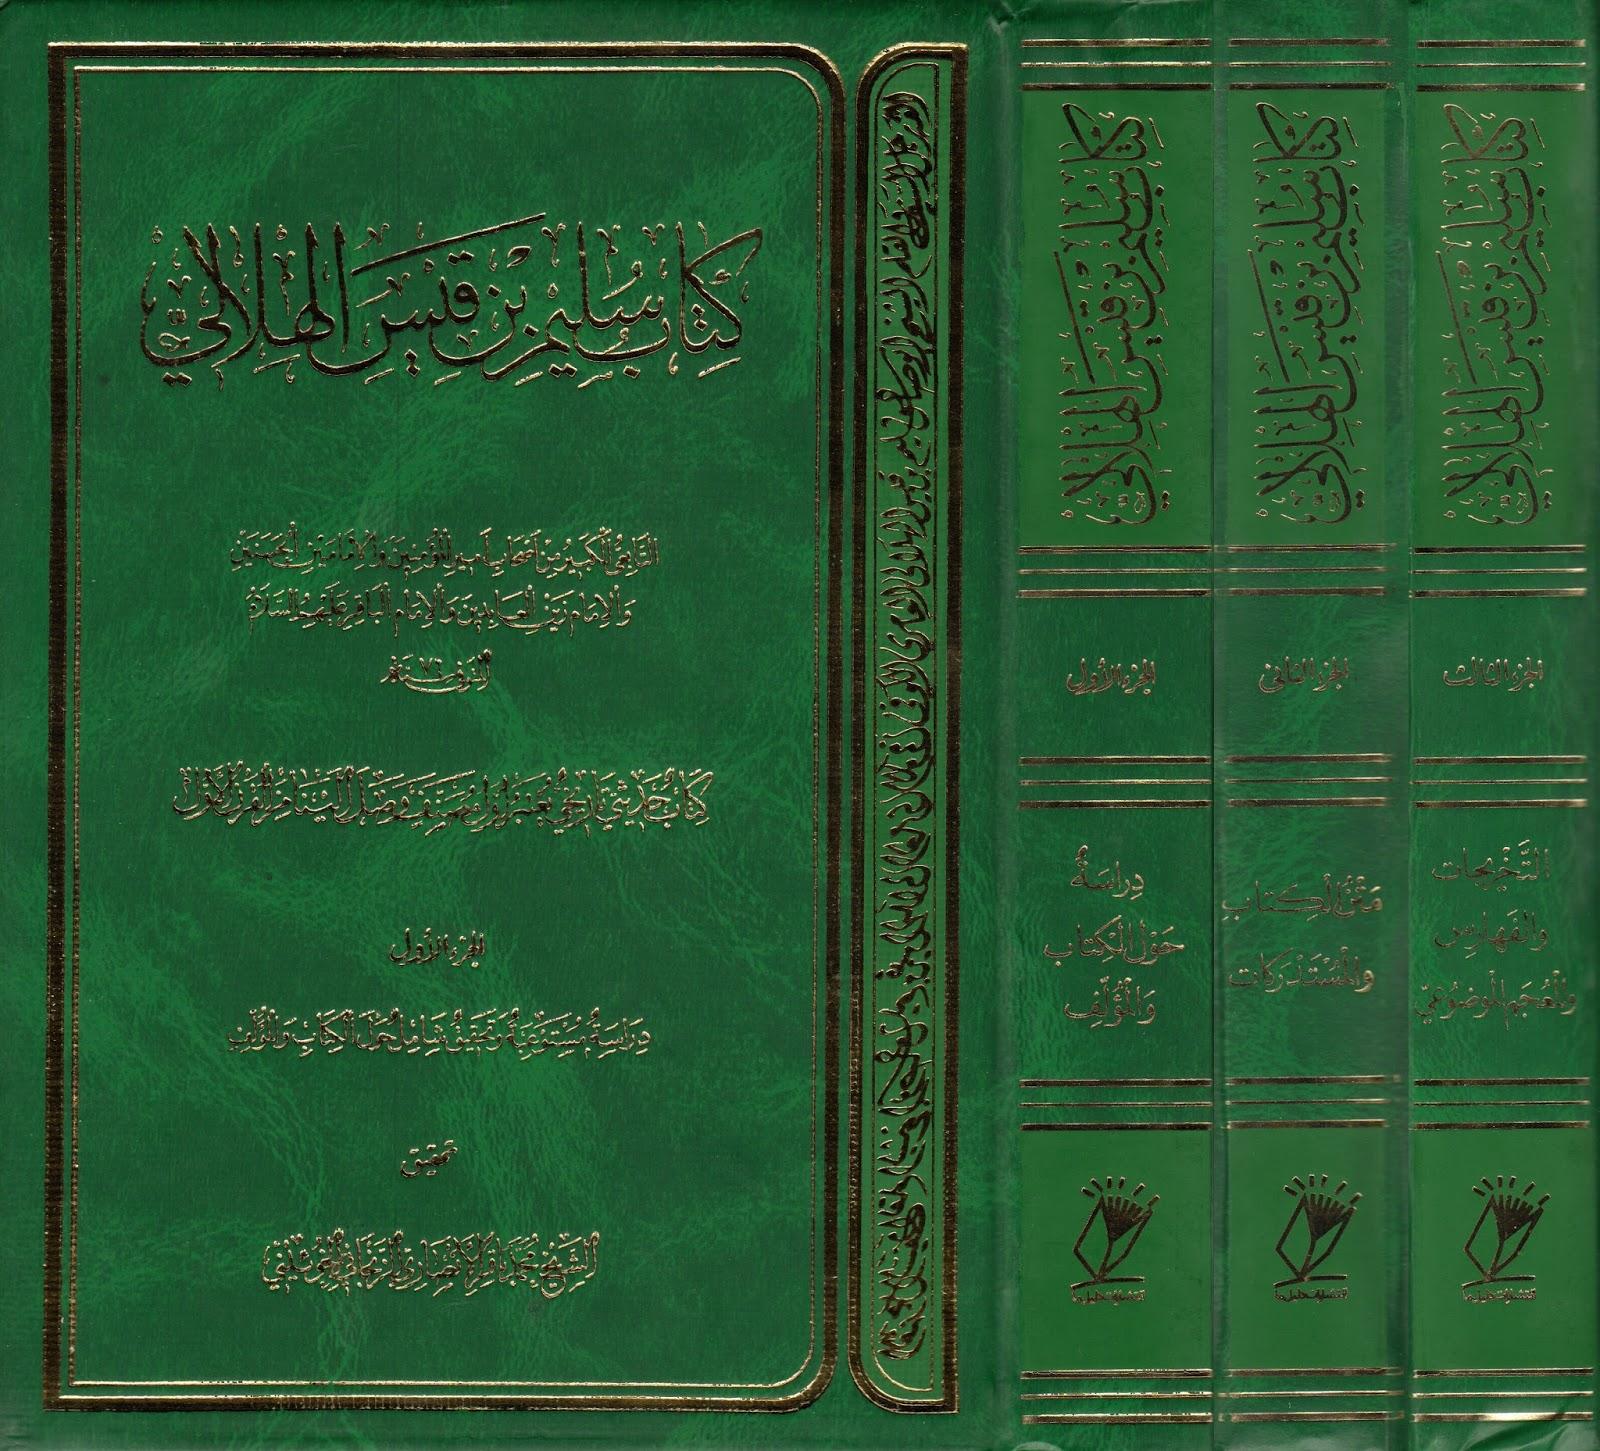 كتاب سليم بن قيس الهلالي pdf